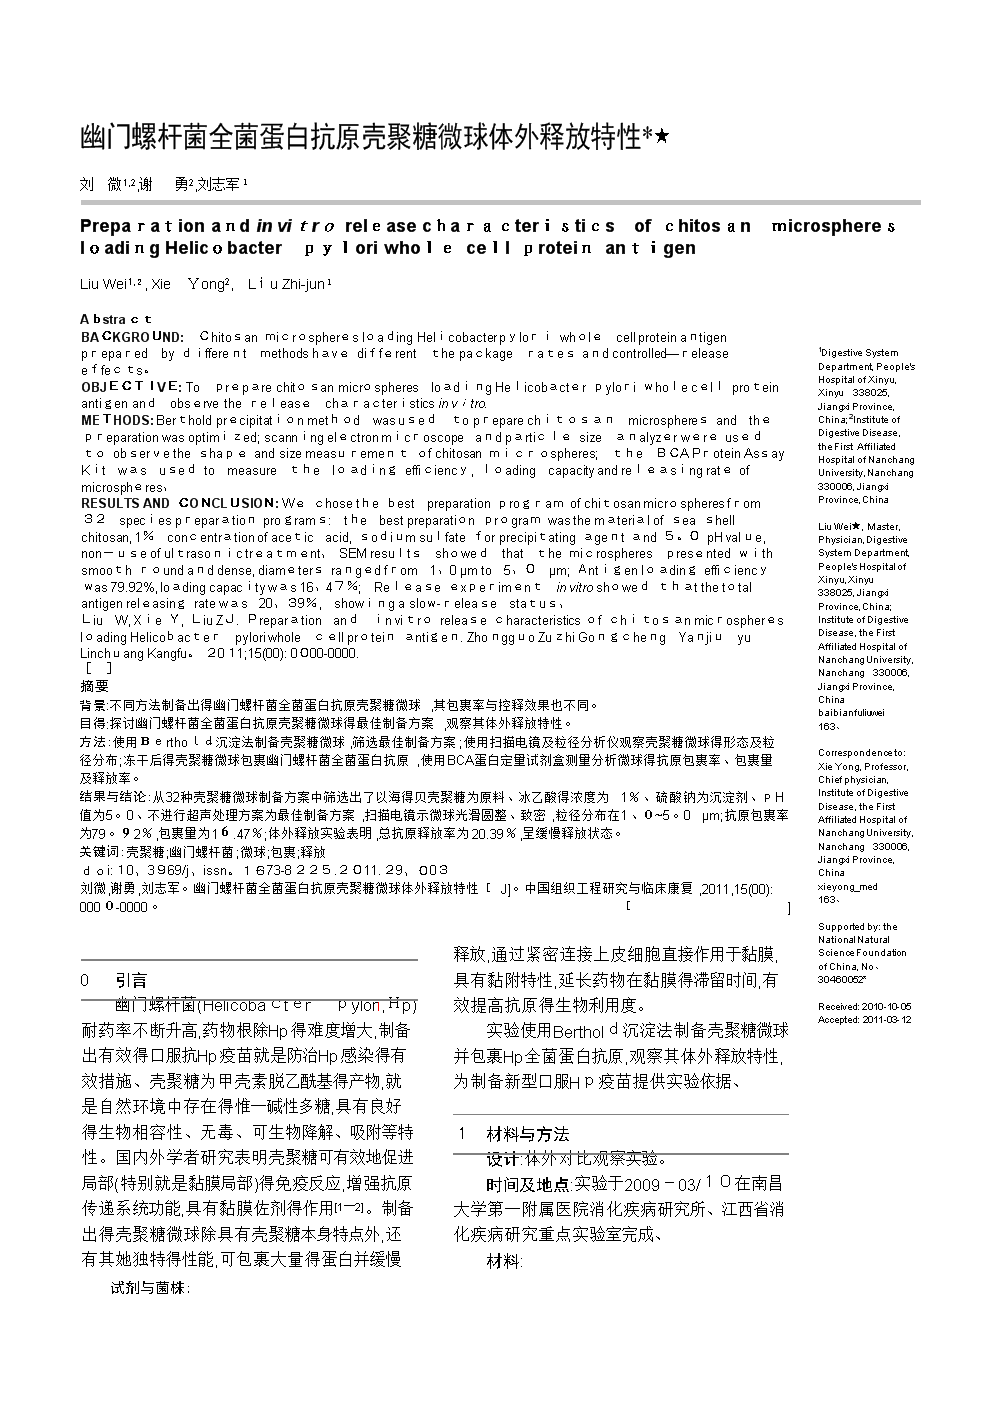 幽门螺杆 菌全菌蛋白抗原壳聚糖微球体外释放特性.doc